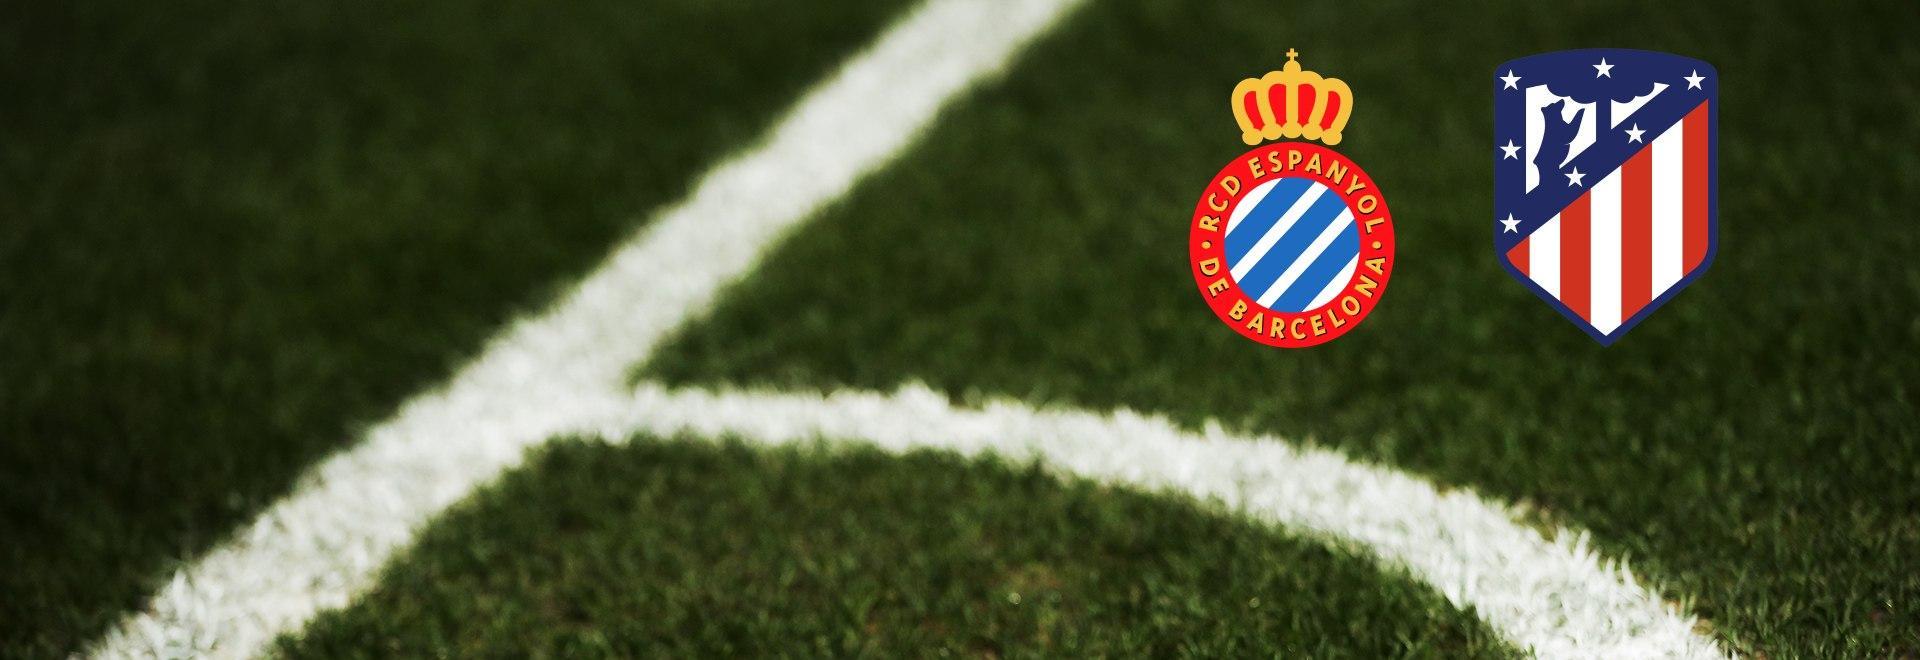 Espanyol - Atletico M. 26a g.